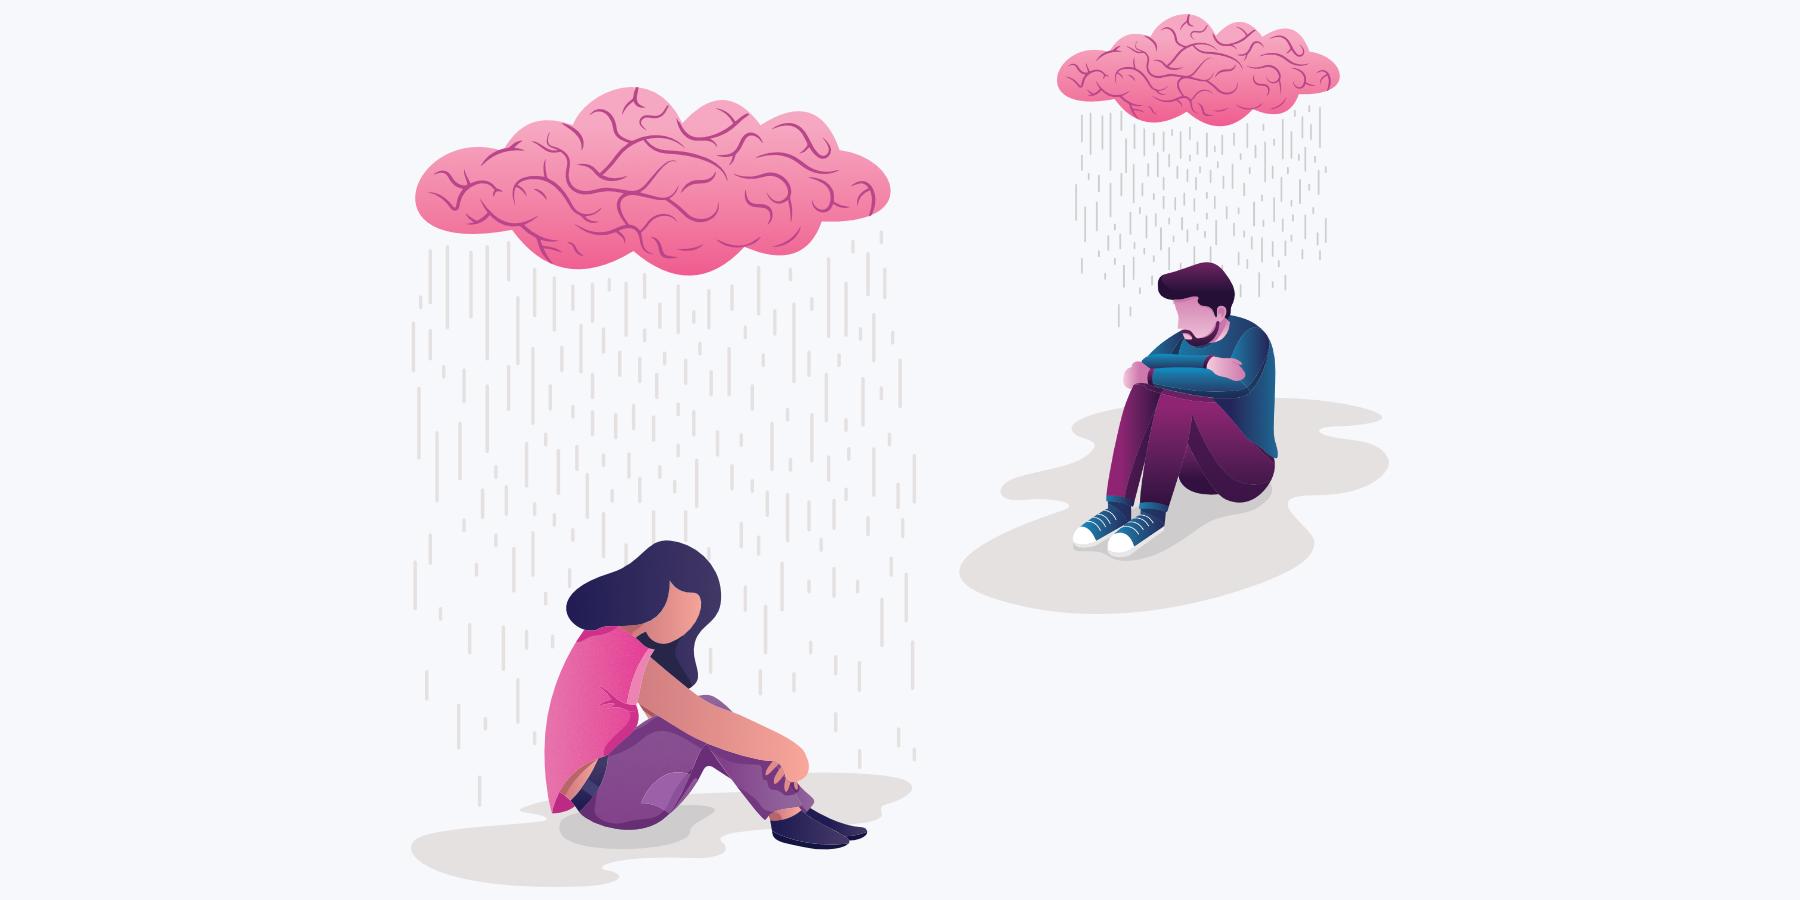 """Vortrag """"Depressionen verstehen und mögliche Wege heraus"""""""